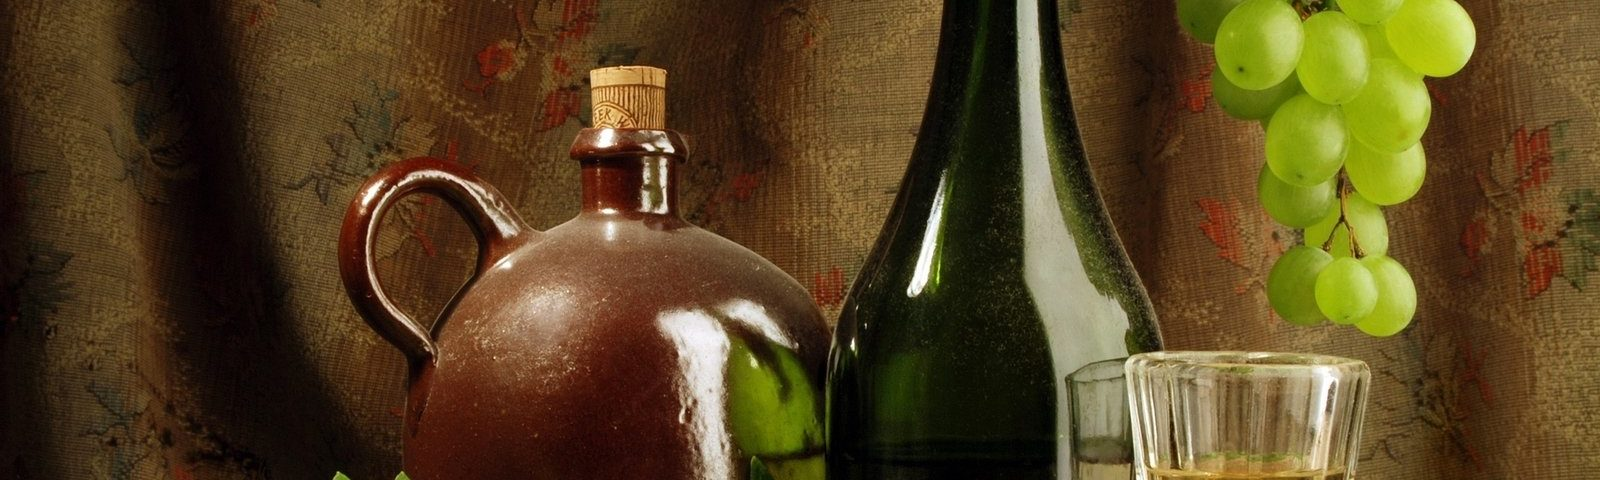 Чача. Виноградный самогон